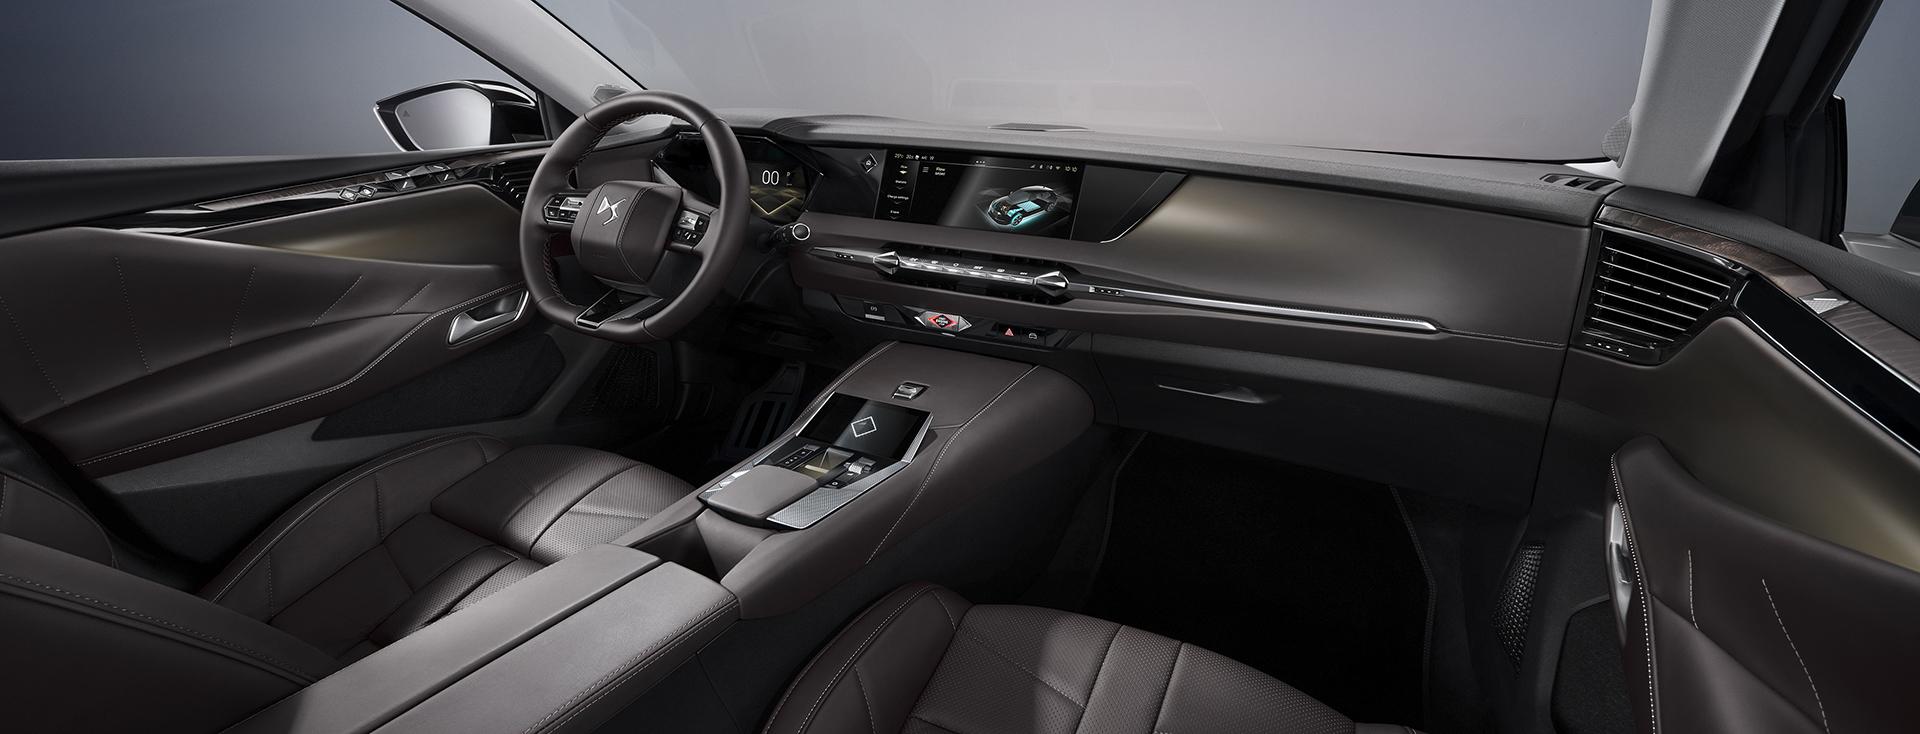 El interior tiene un estilo totalmente futurista (DS)